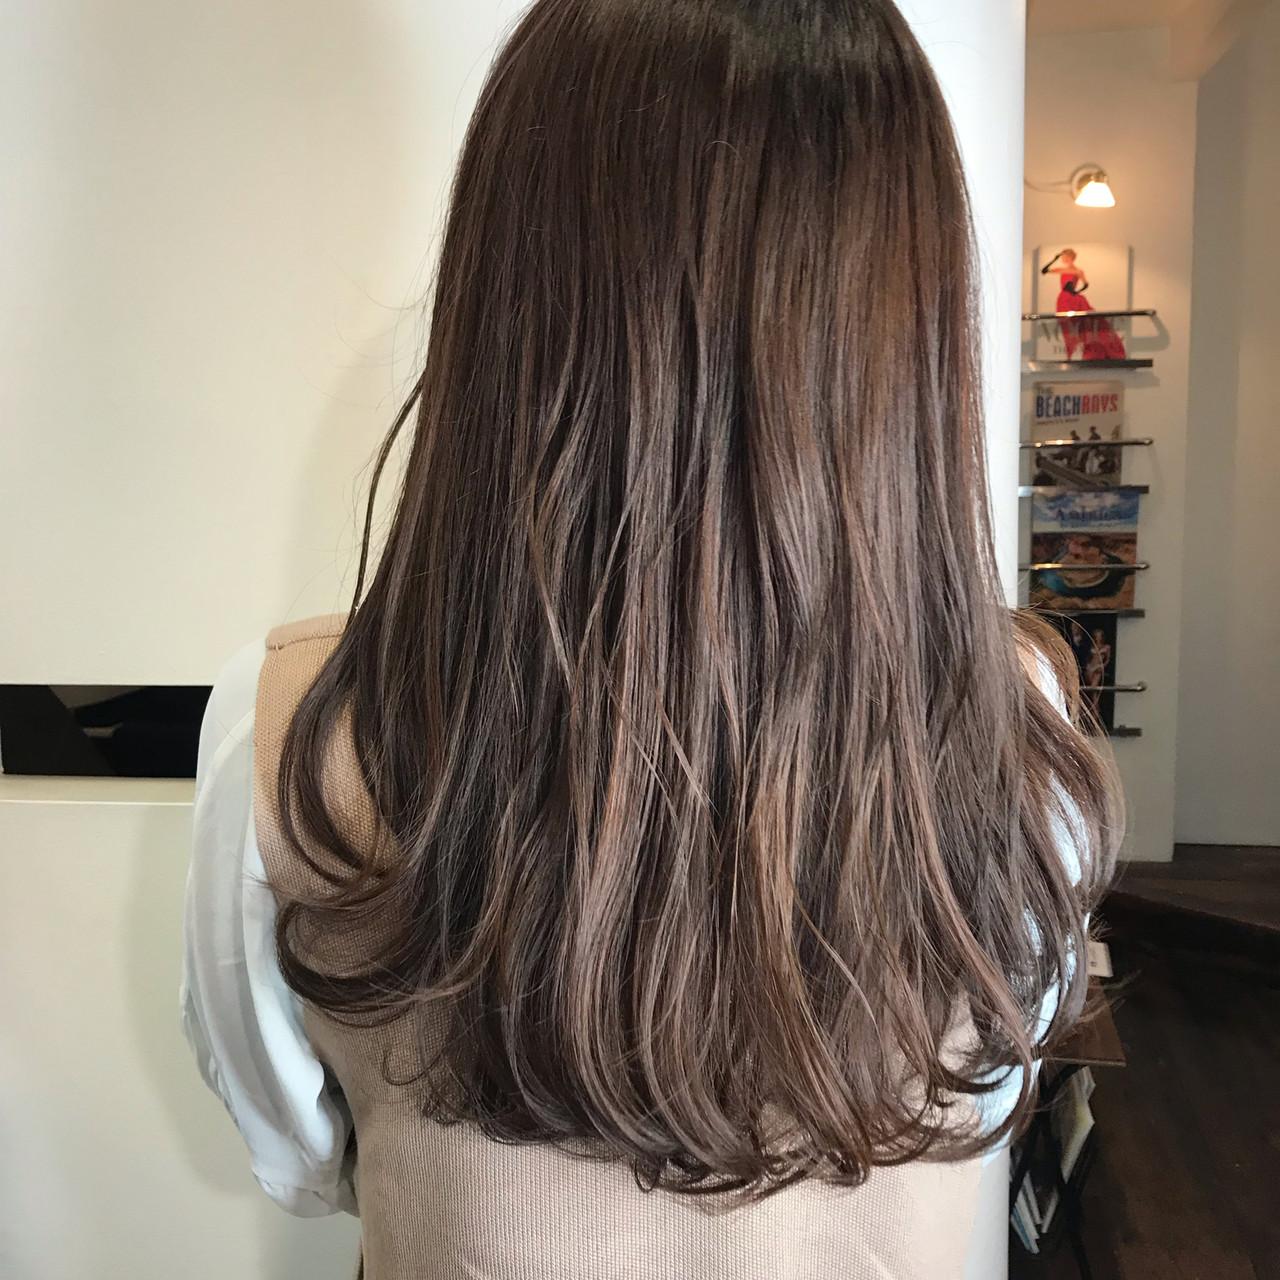 透明感カラー ナチュラル 360度どこからみても綺麗なロングヘア ロング ヘアスタイルや髪型の写真・画像 | 餅しほり / ing / ing